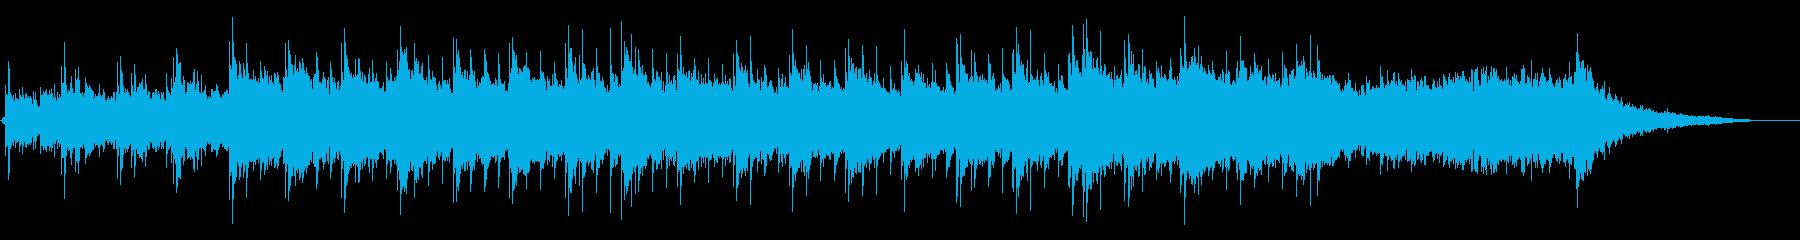 優しく静かなピアノのヒーリングBGMですの再生済みの波形